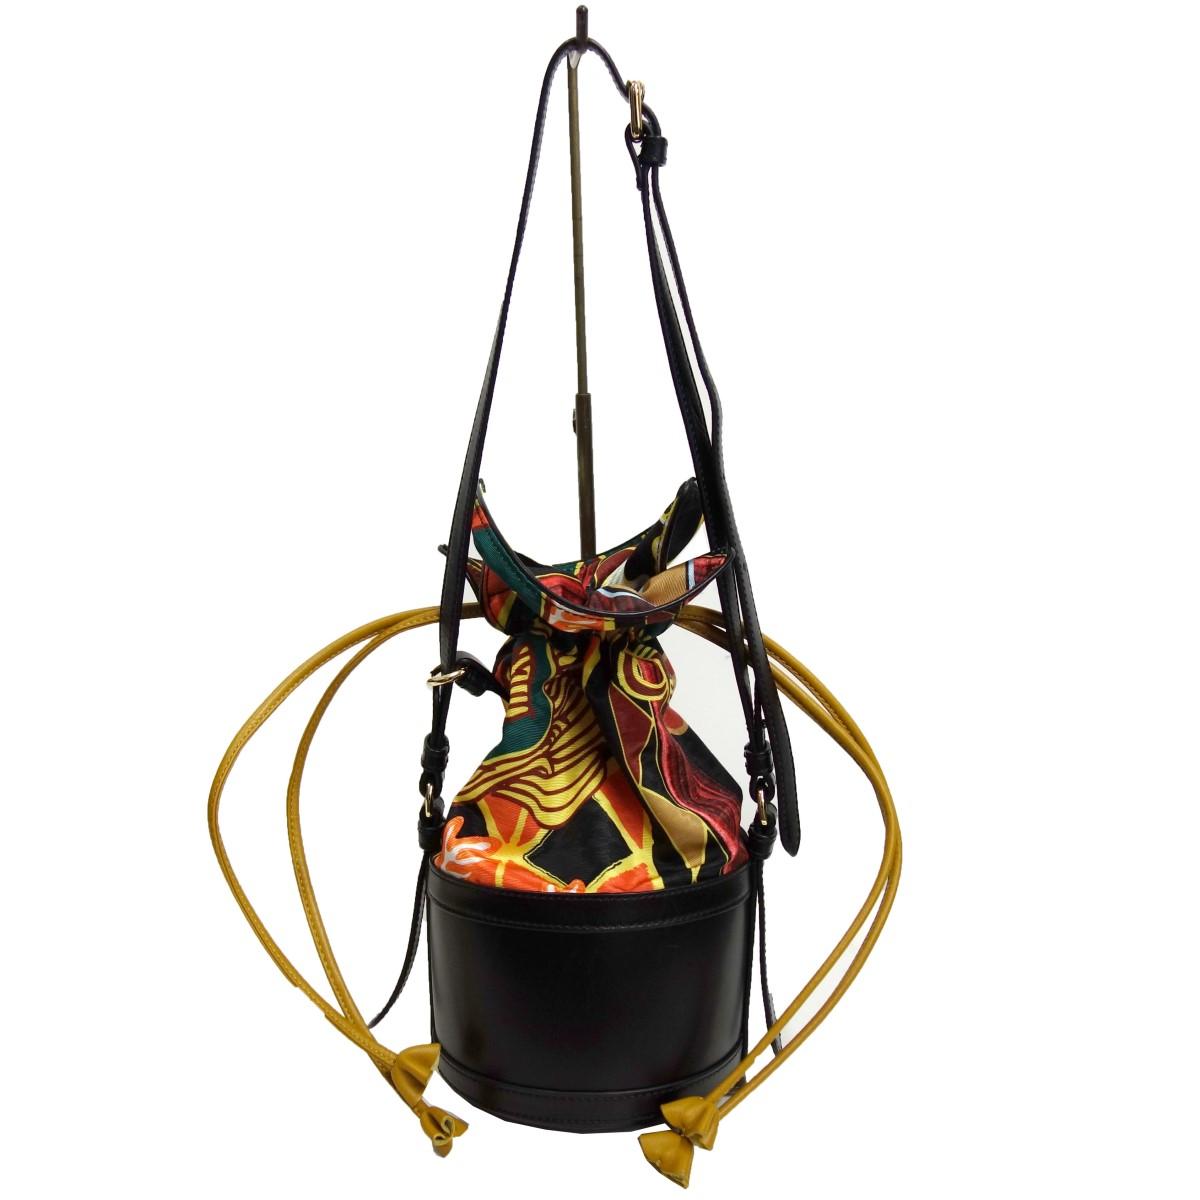 【中古】CARVEN「PRINTED NYLON WITH MOIRE BAG」 バケットバッグ ブラック×マルチ サイズ:-